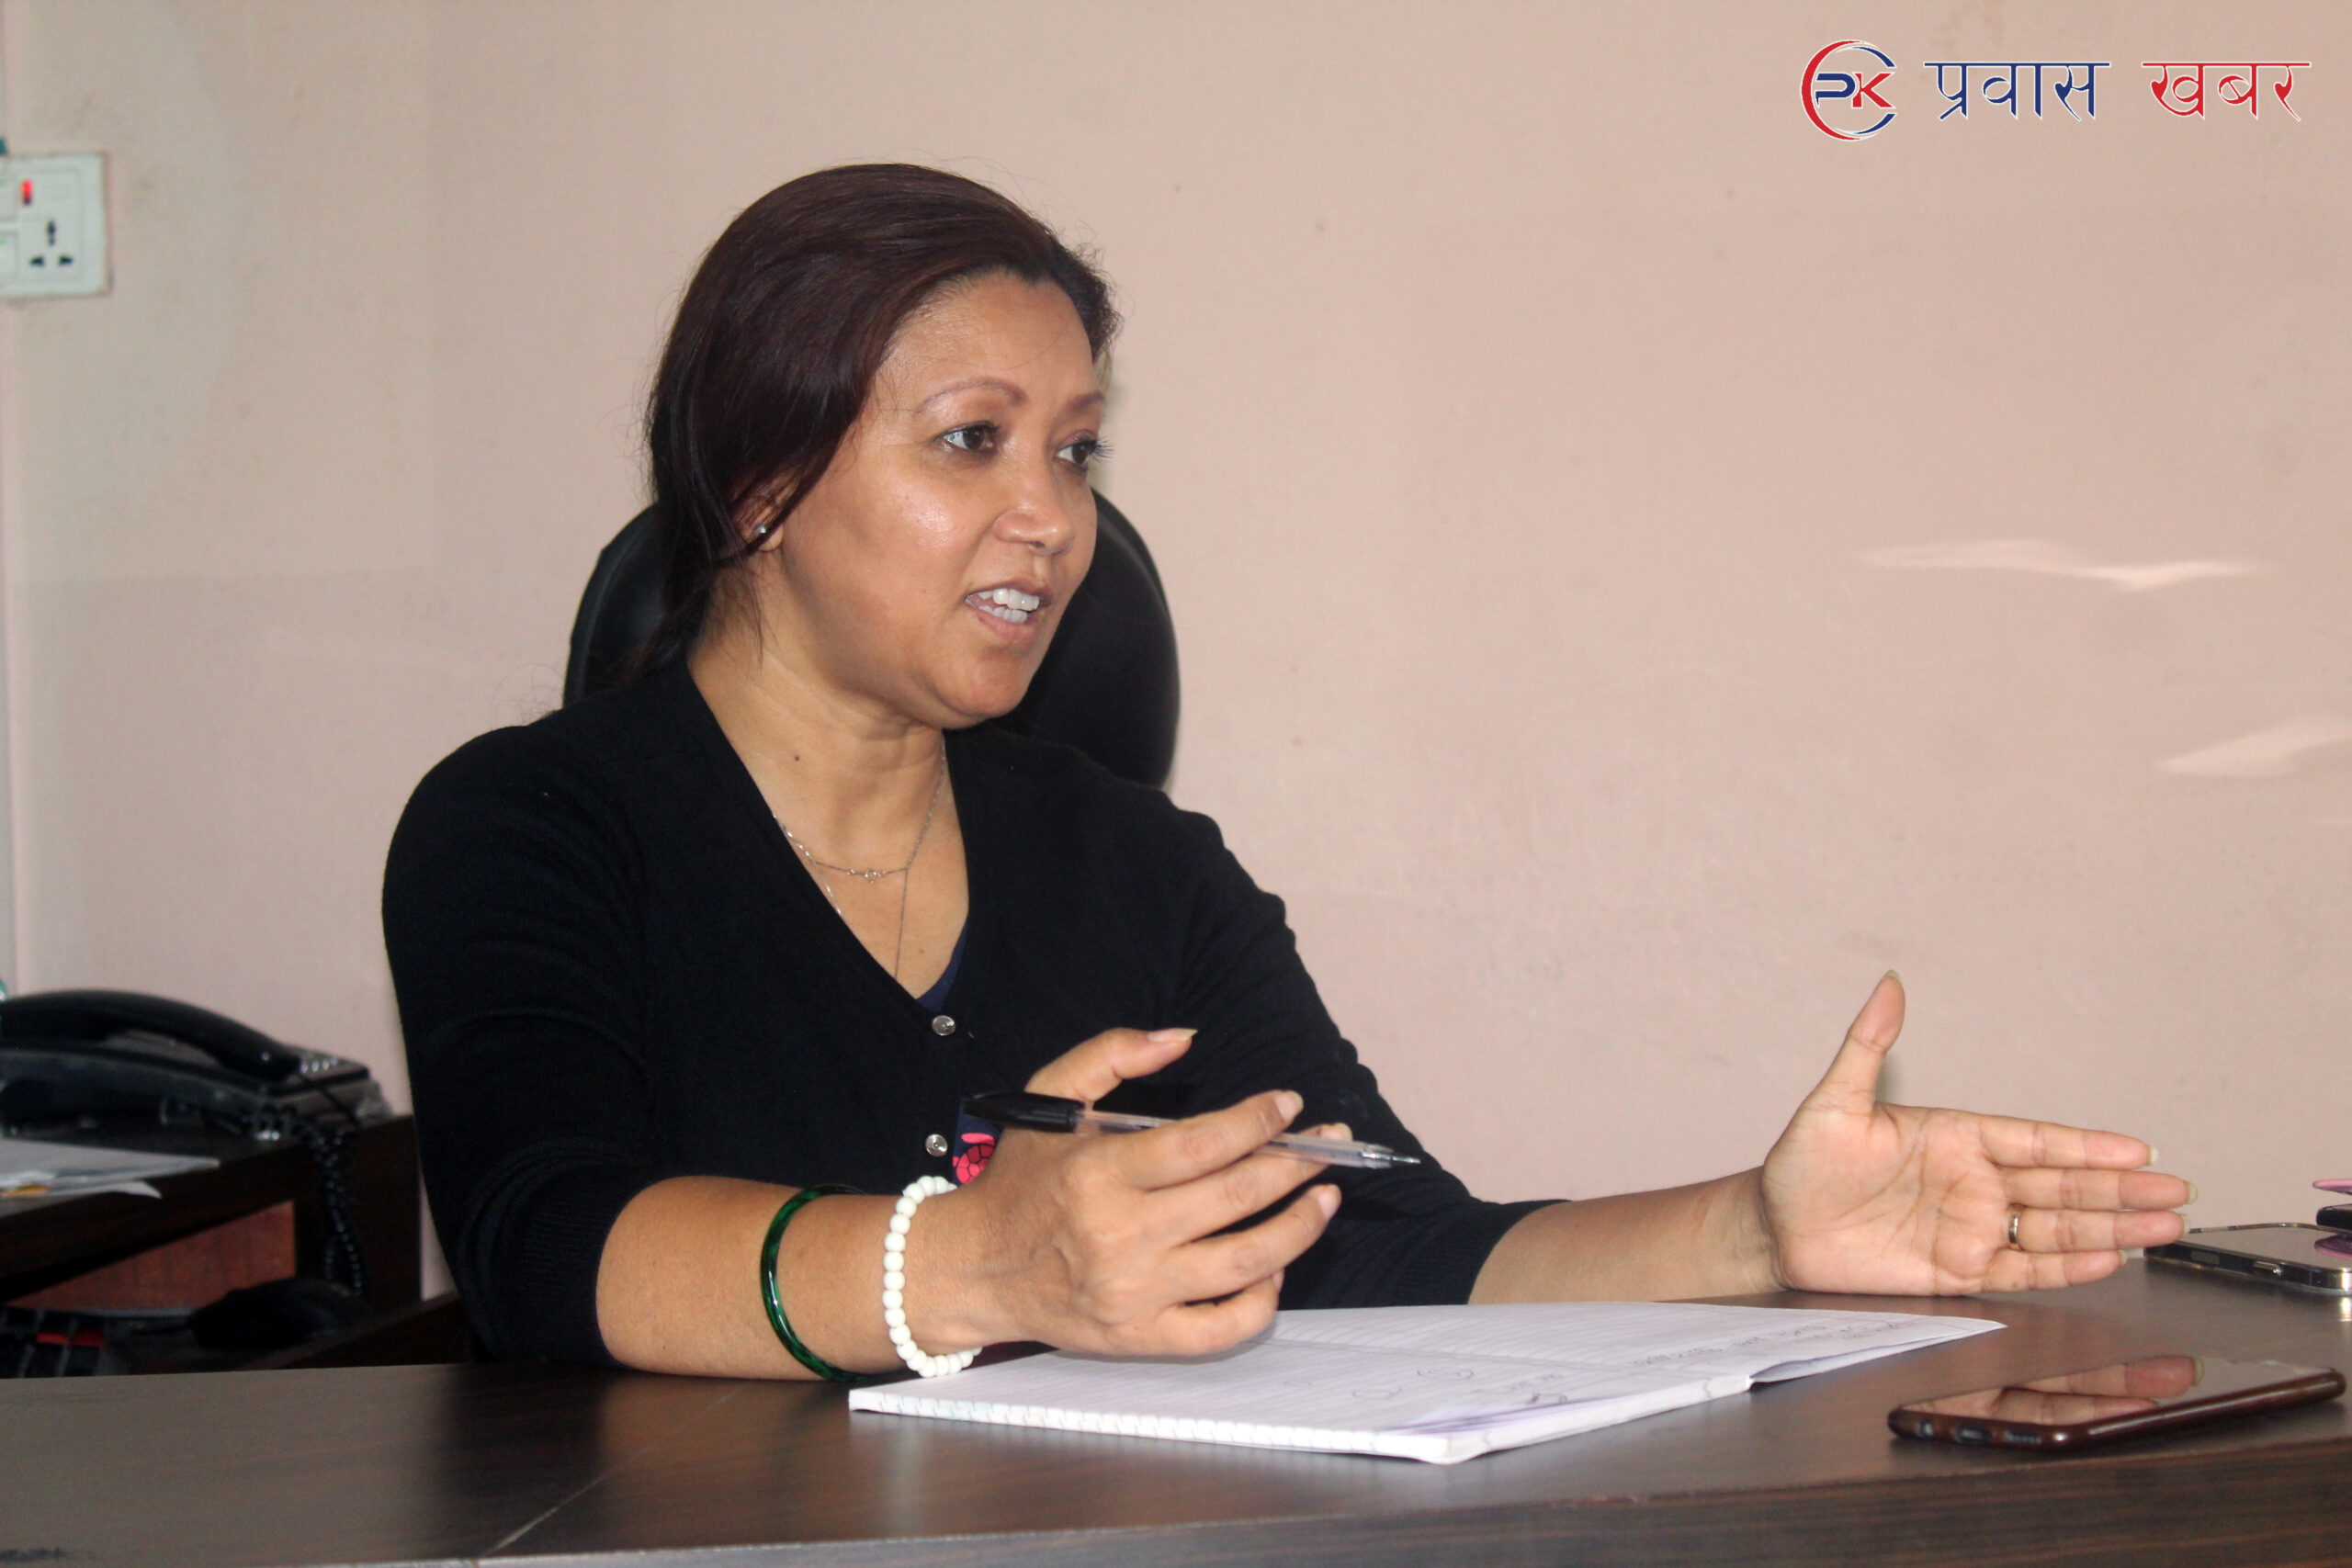 एनआरएनएलाई राजनीतिकरण गर्न खोजिनु दुःखदायी : रवीना थापा